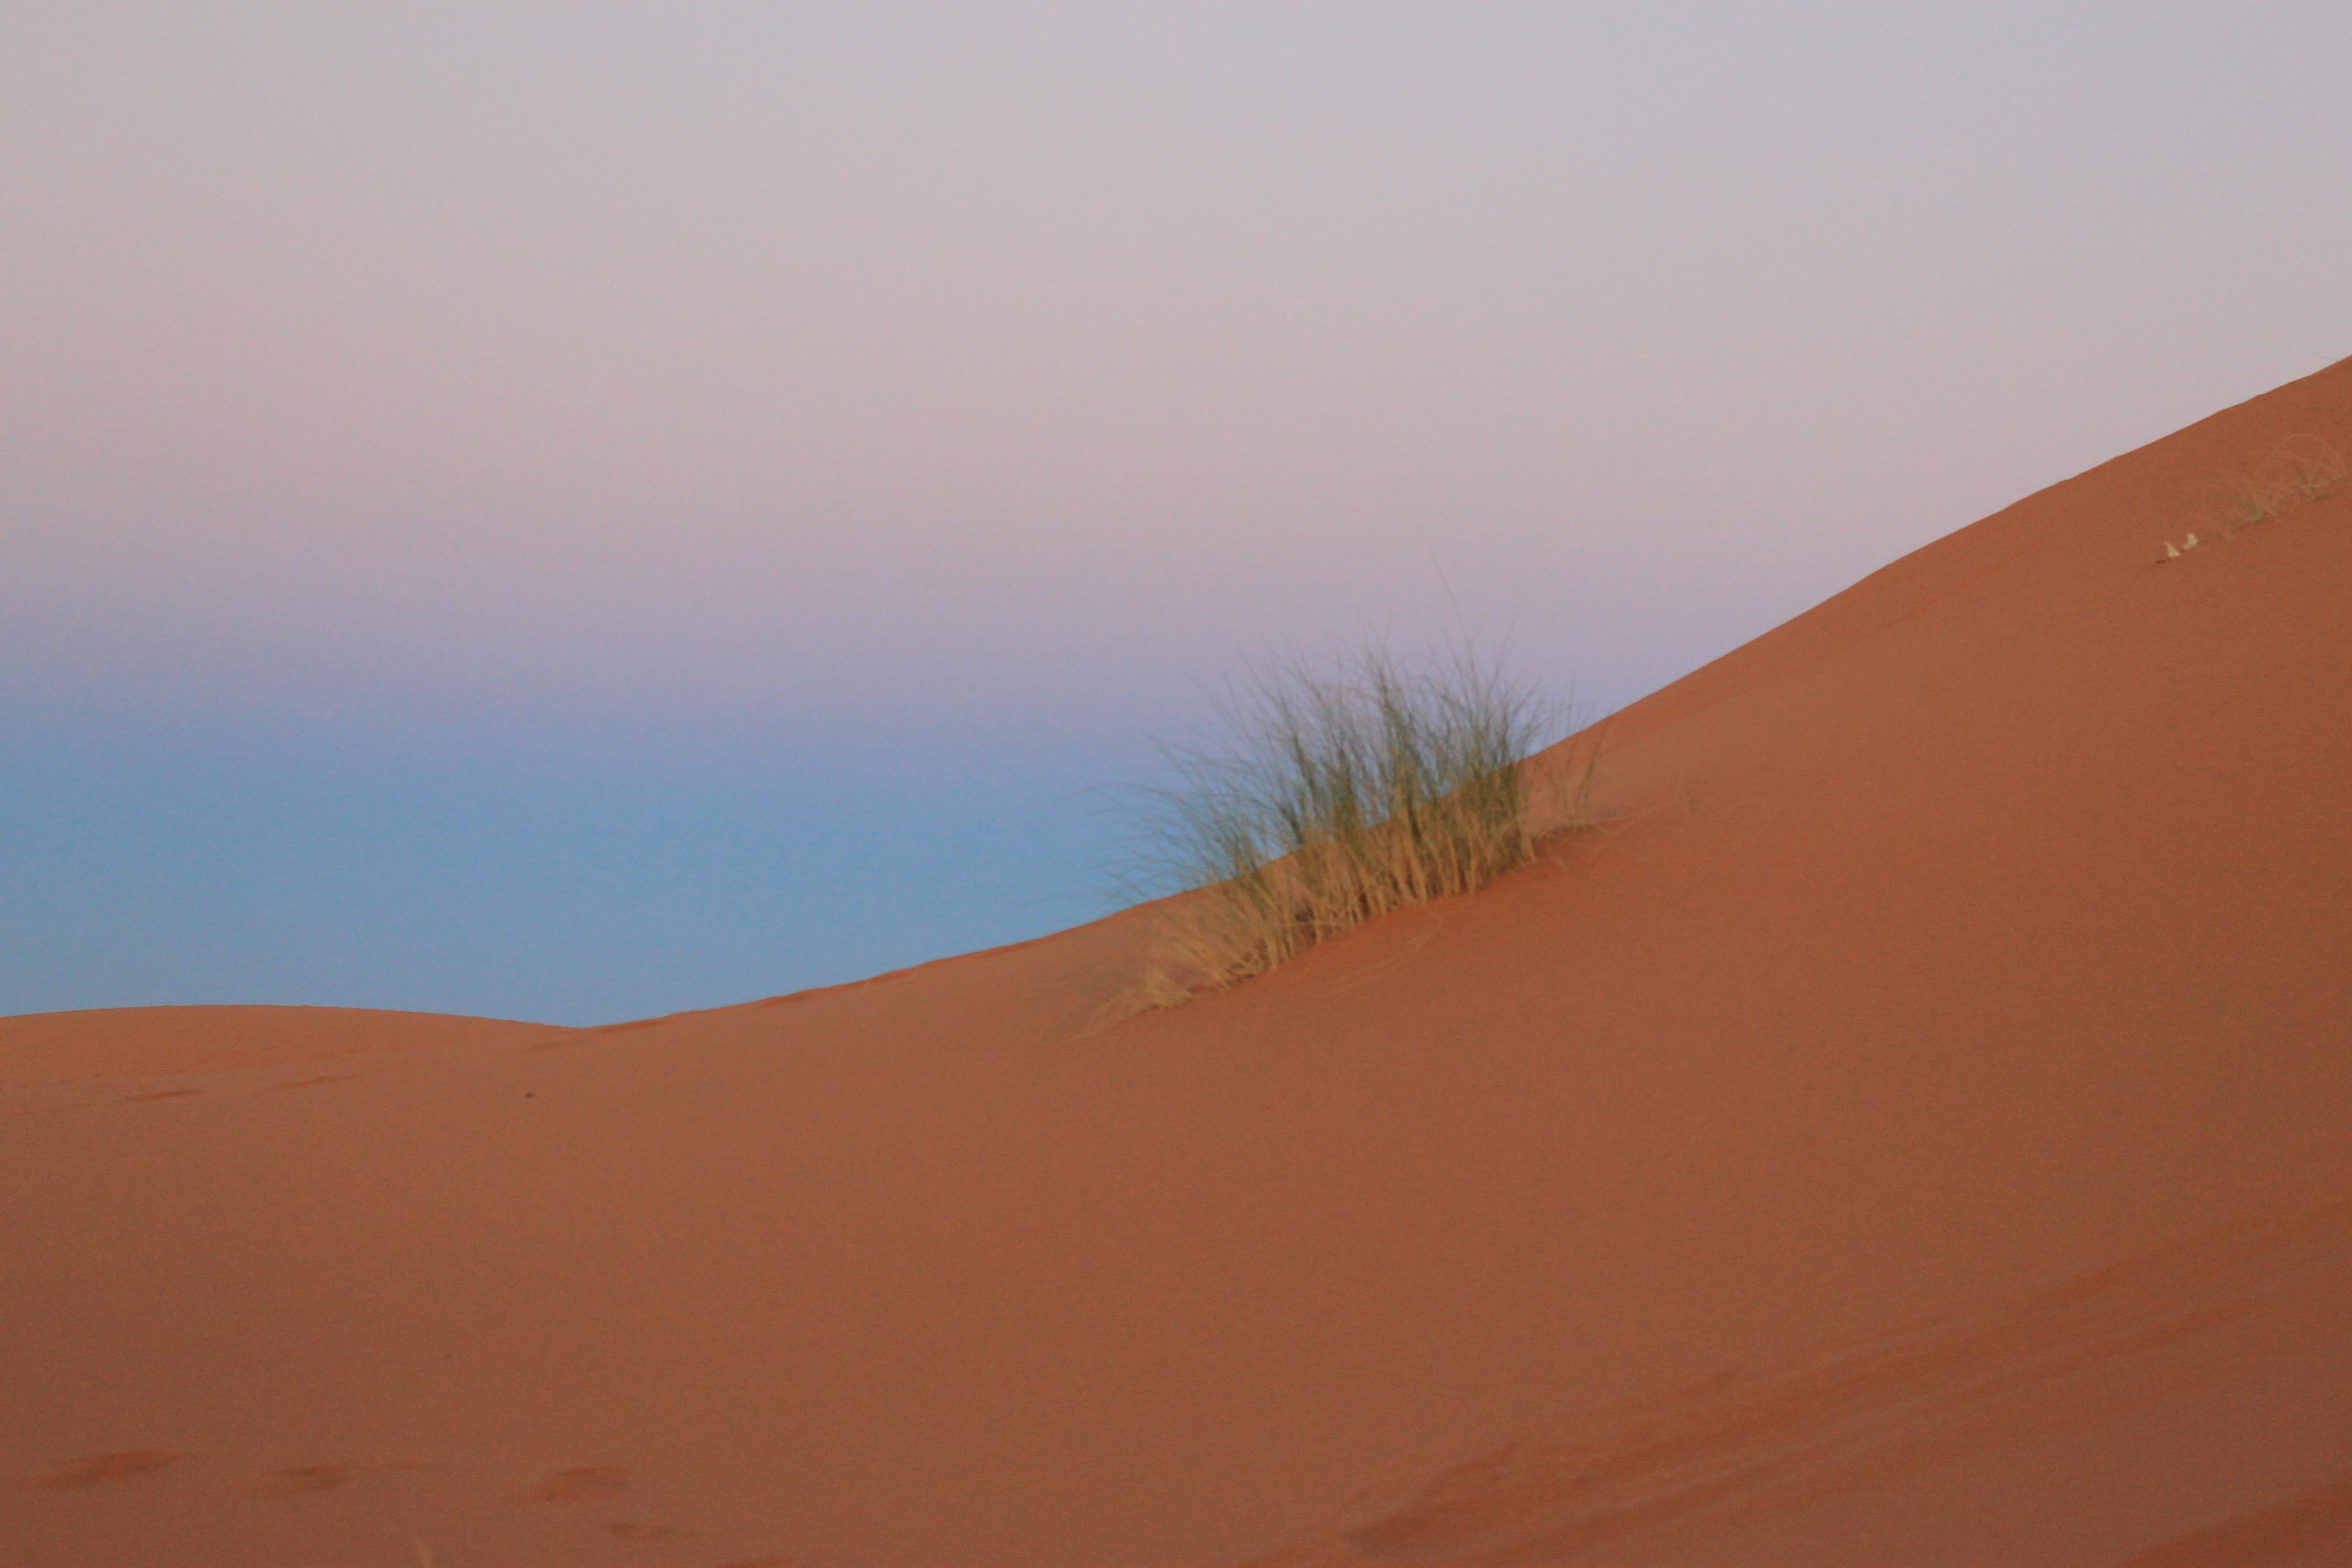 Une touffe d'herbe dans les dunes du Sahara